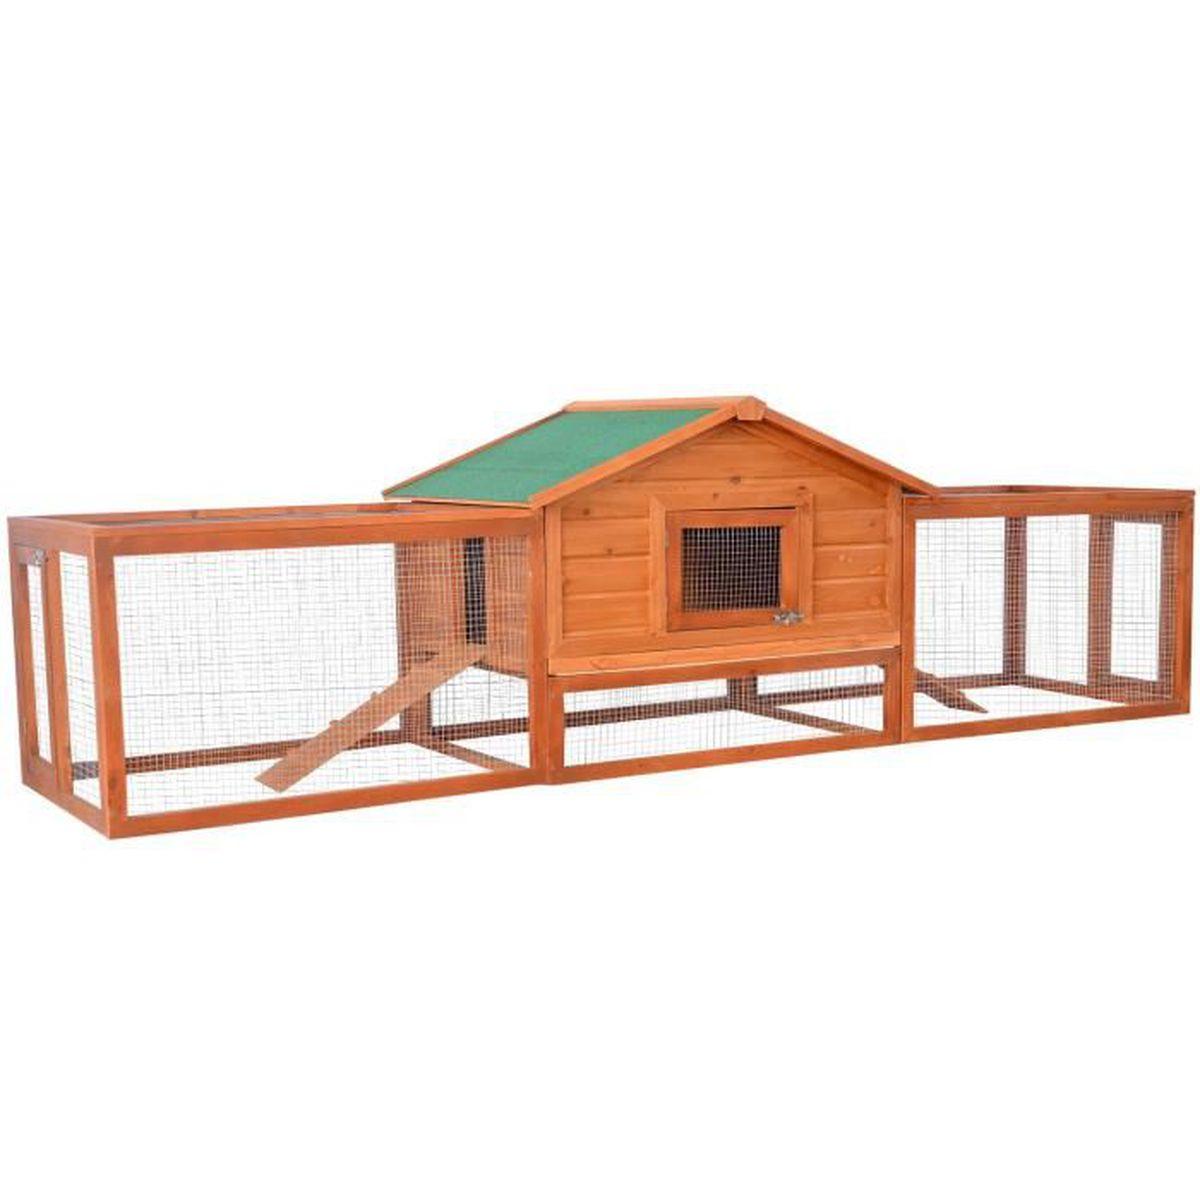 animalerie ferme basse cour poulailler clapier parc enclos cage pour lapin pou f  auc